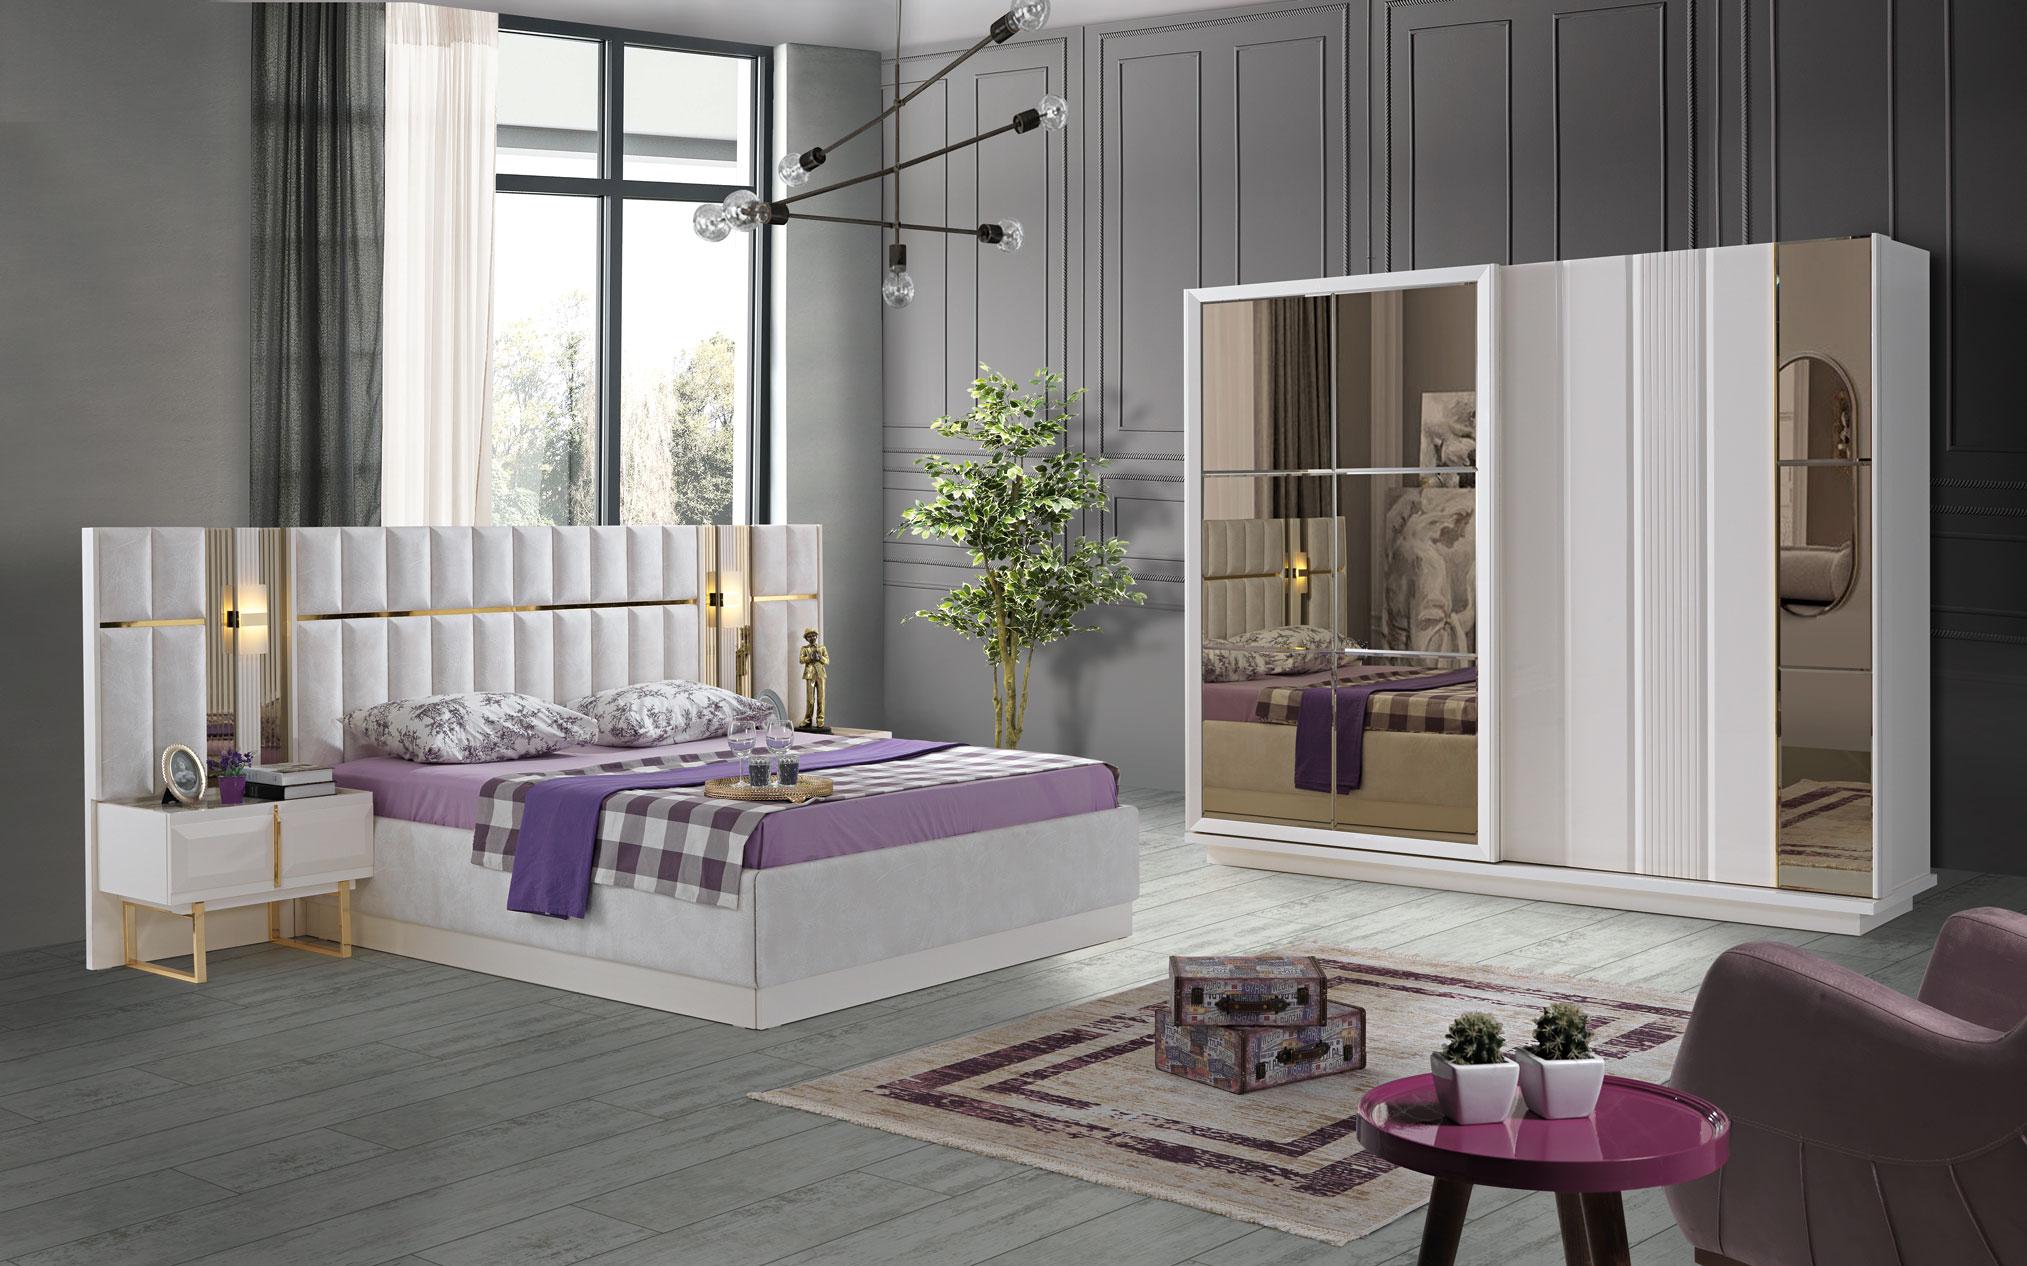 Lidya Schlafzimmer Set Pianno mit Bett in 160x200 cm